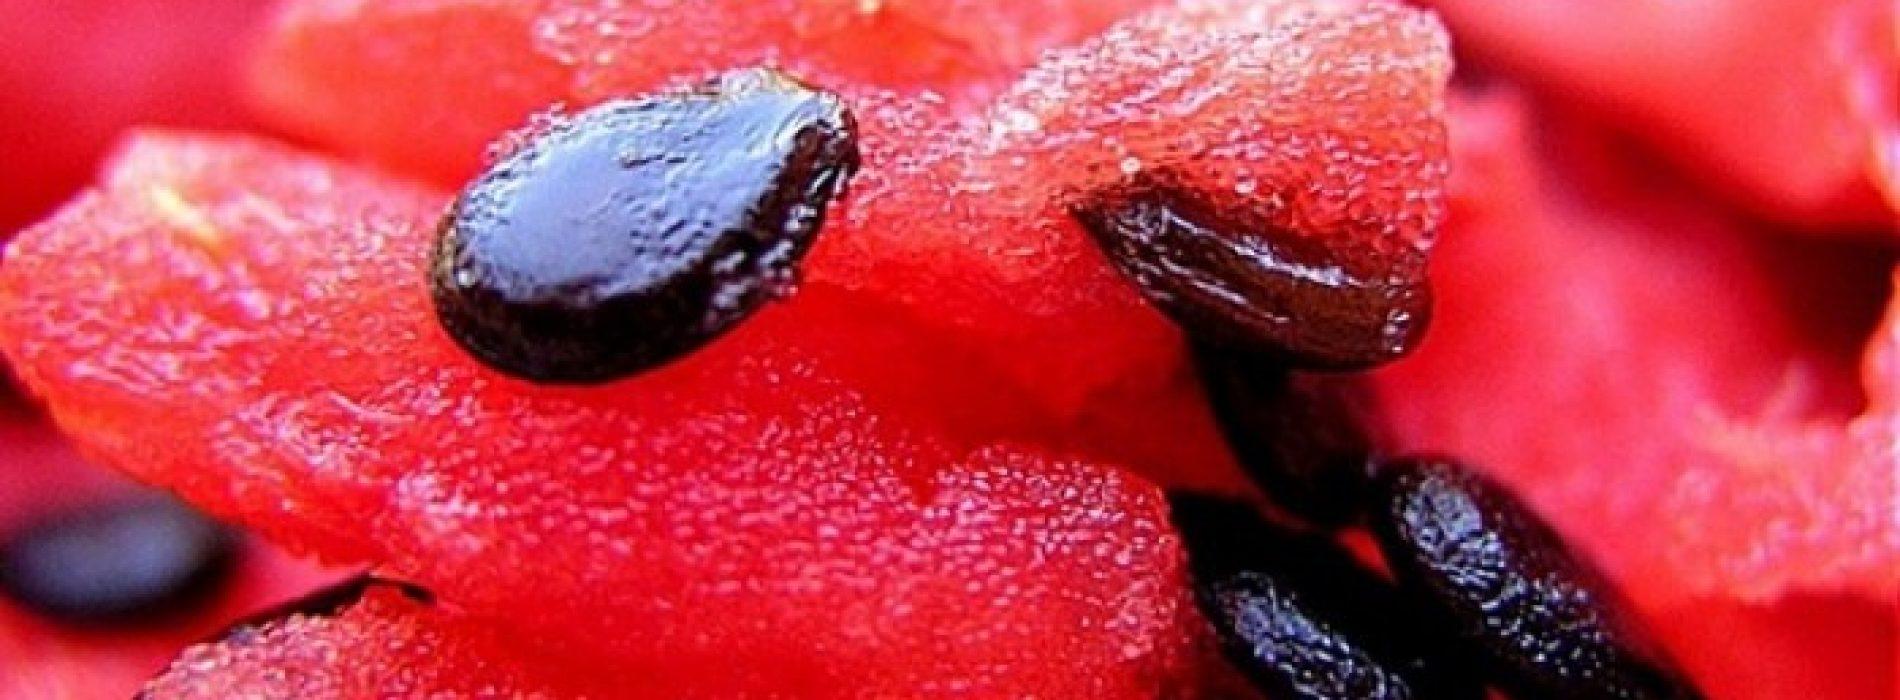 De zaden van een watermeloen verbergen een heleboel geheimen voor onze gezondheid